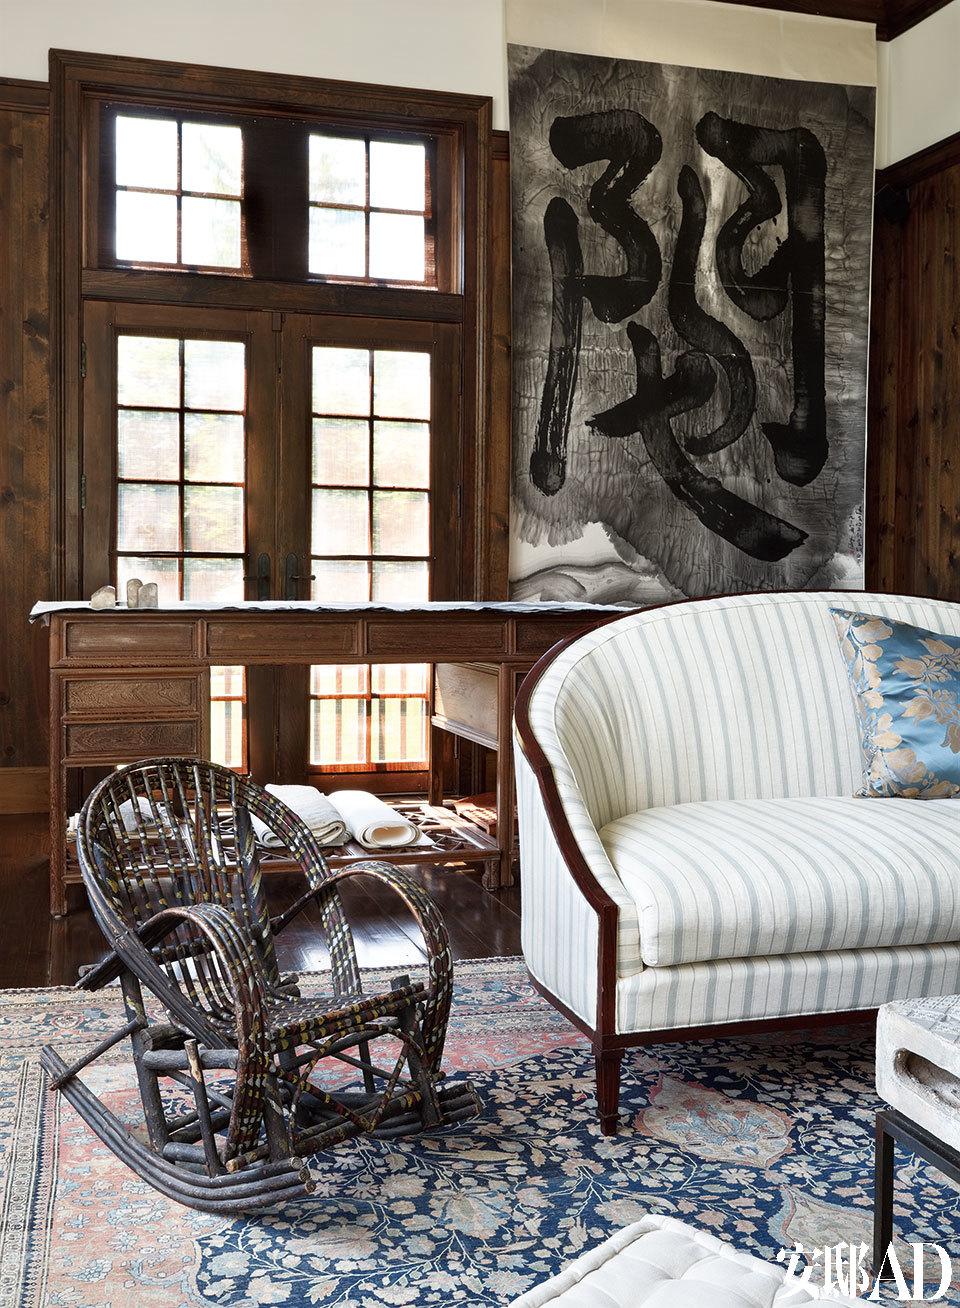 一把来自老上海的藤条儿童摇椅带给客厅很多温情,其线条和质感竟与墙上的书法和地上磨旧的地毯如此相互呼应。